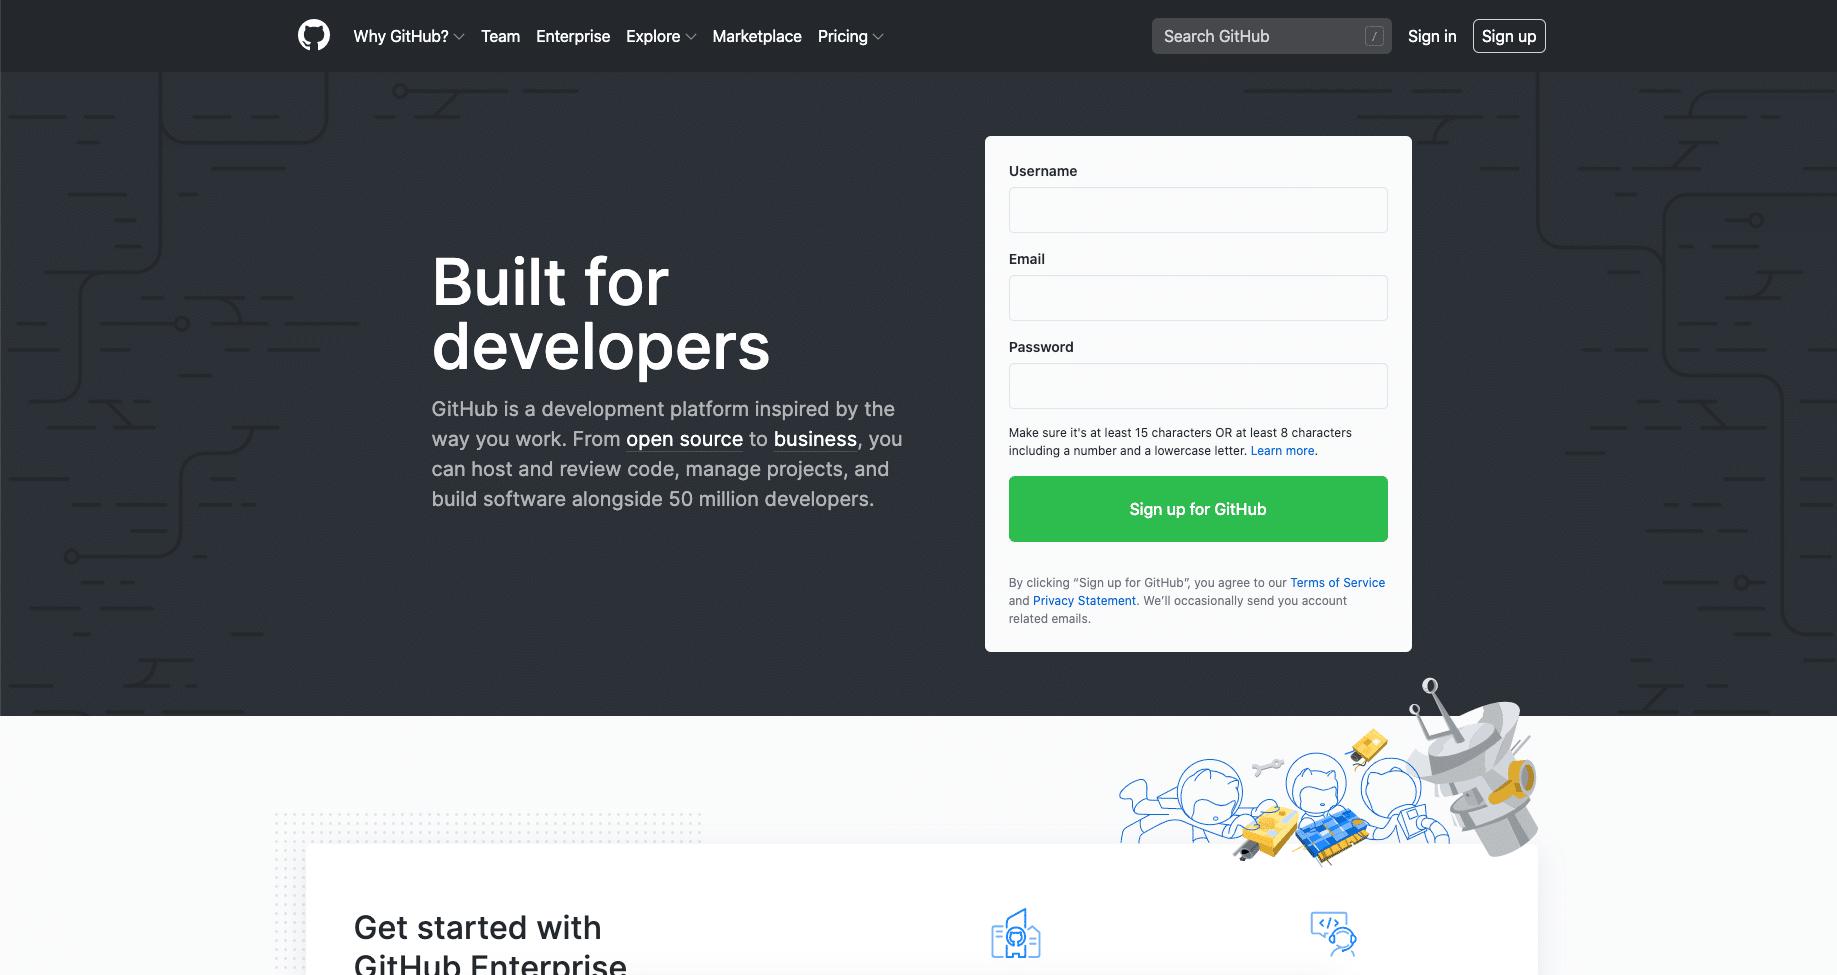 De homepage van de GitHub-website